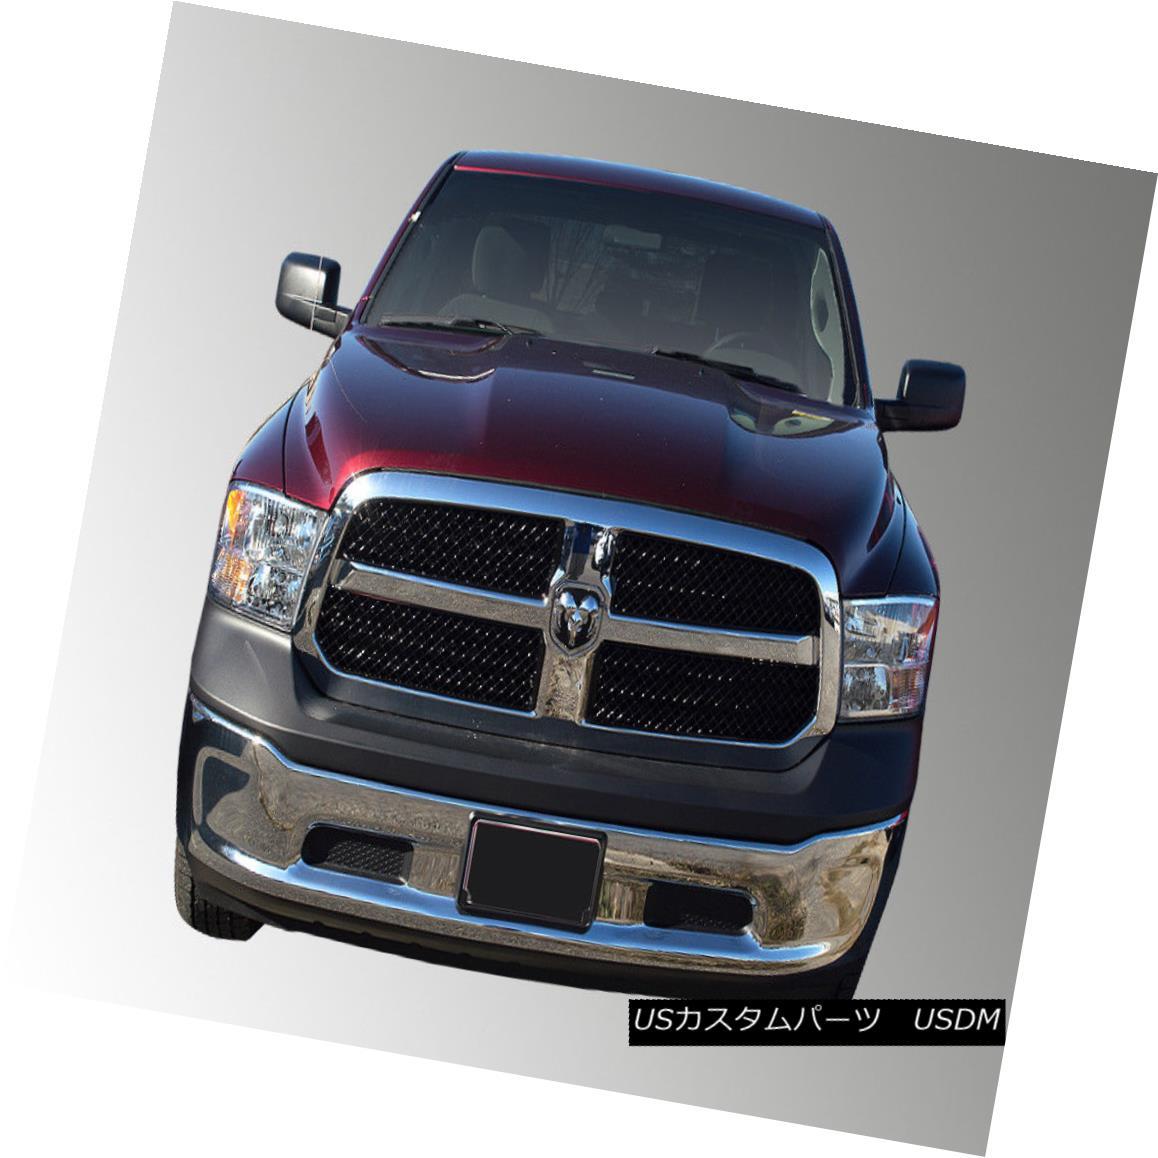 グリル Fits 13-18 DODGE RAM 1500 ST CREW CAB/TRADESMAN - Gloss Black Grille Insert/Over フィット13-18 DODGE RAM 1500 ST CREW CAB / TRADESMAN - グロスブラックグリルインサート/オーバー